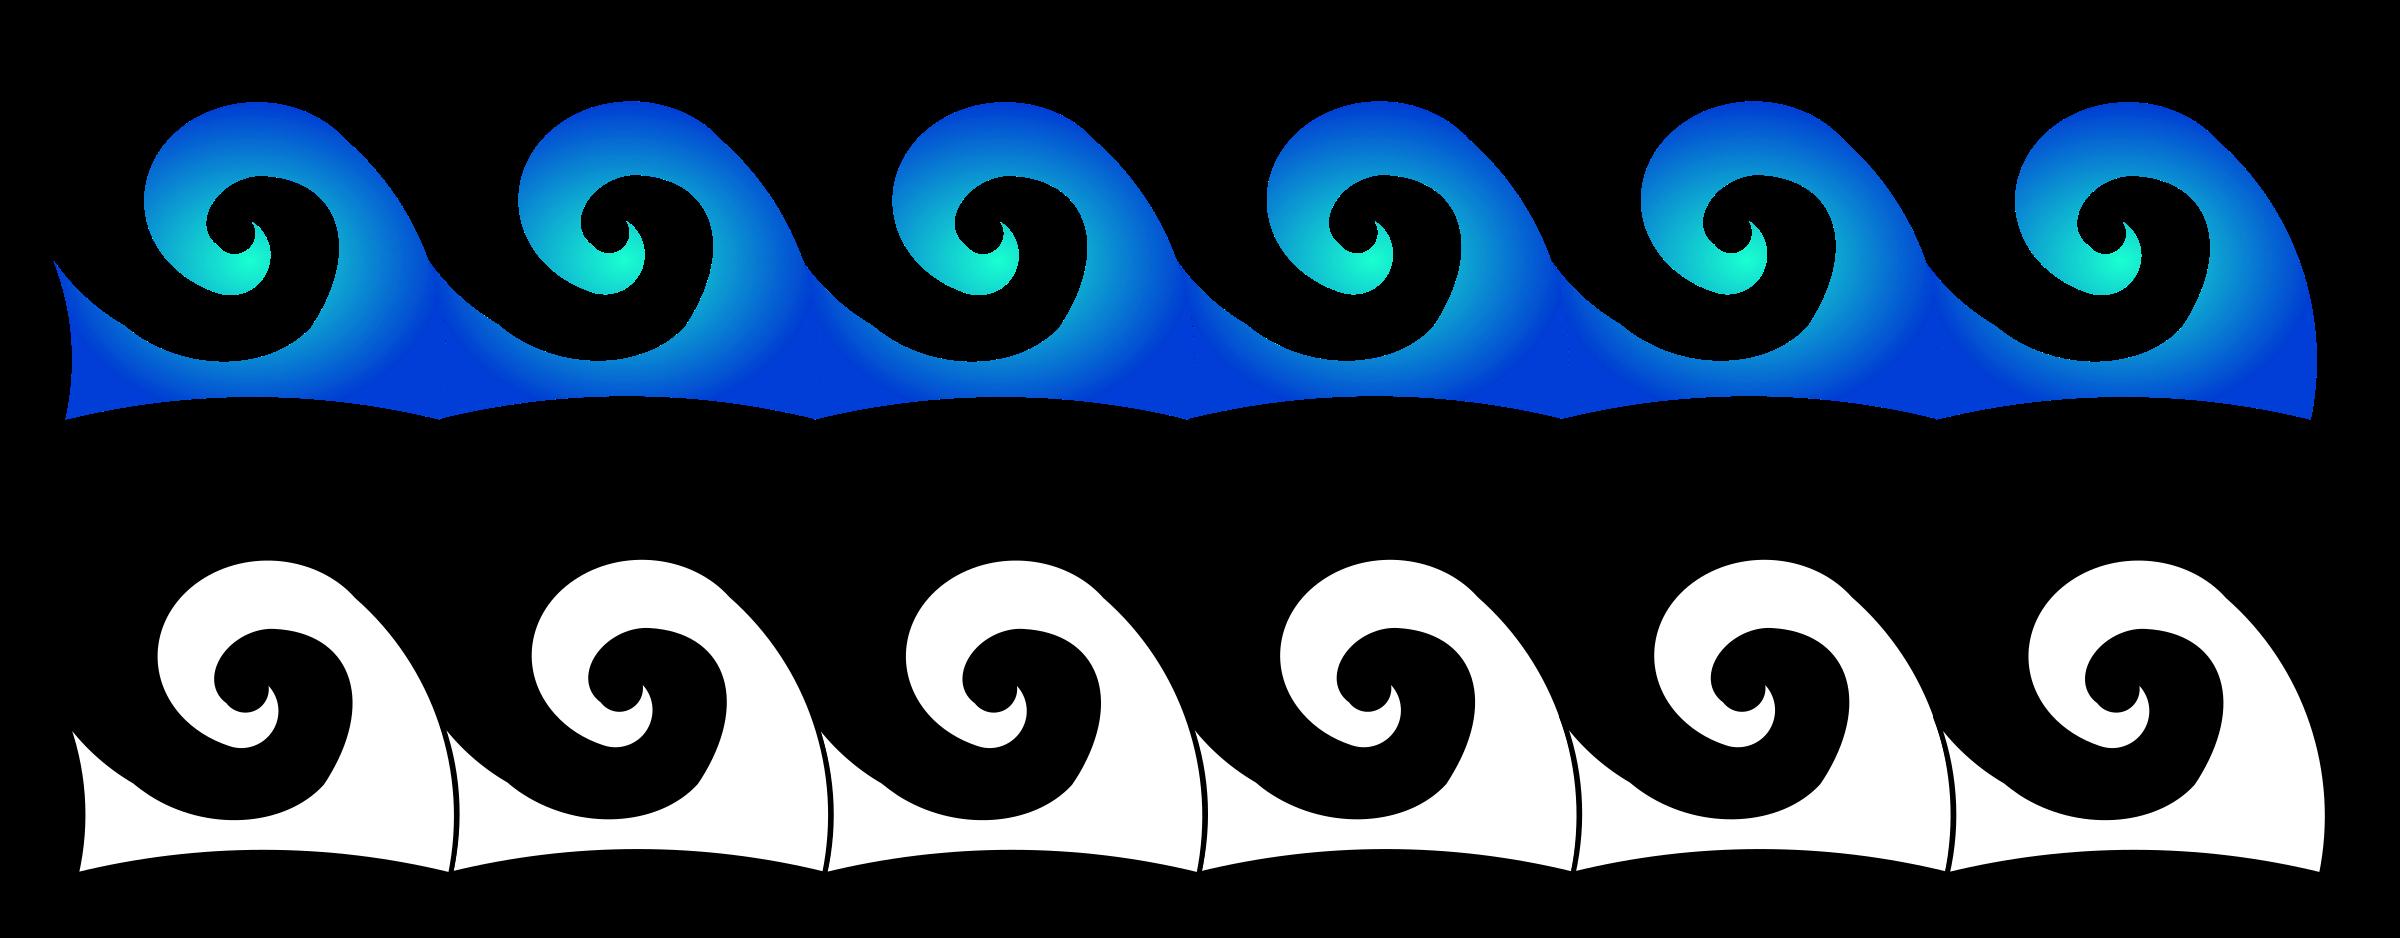 Waves big image png. Clipart ocean outline